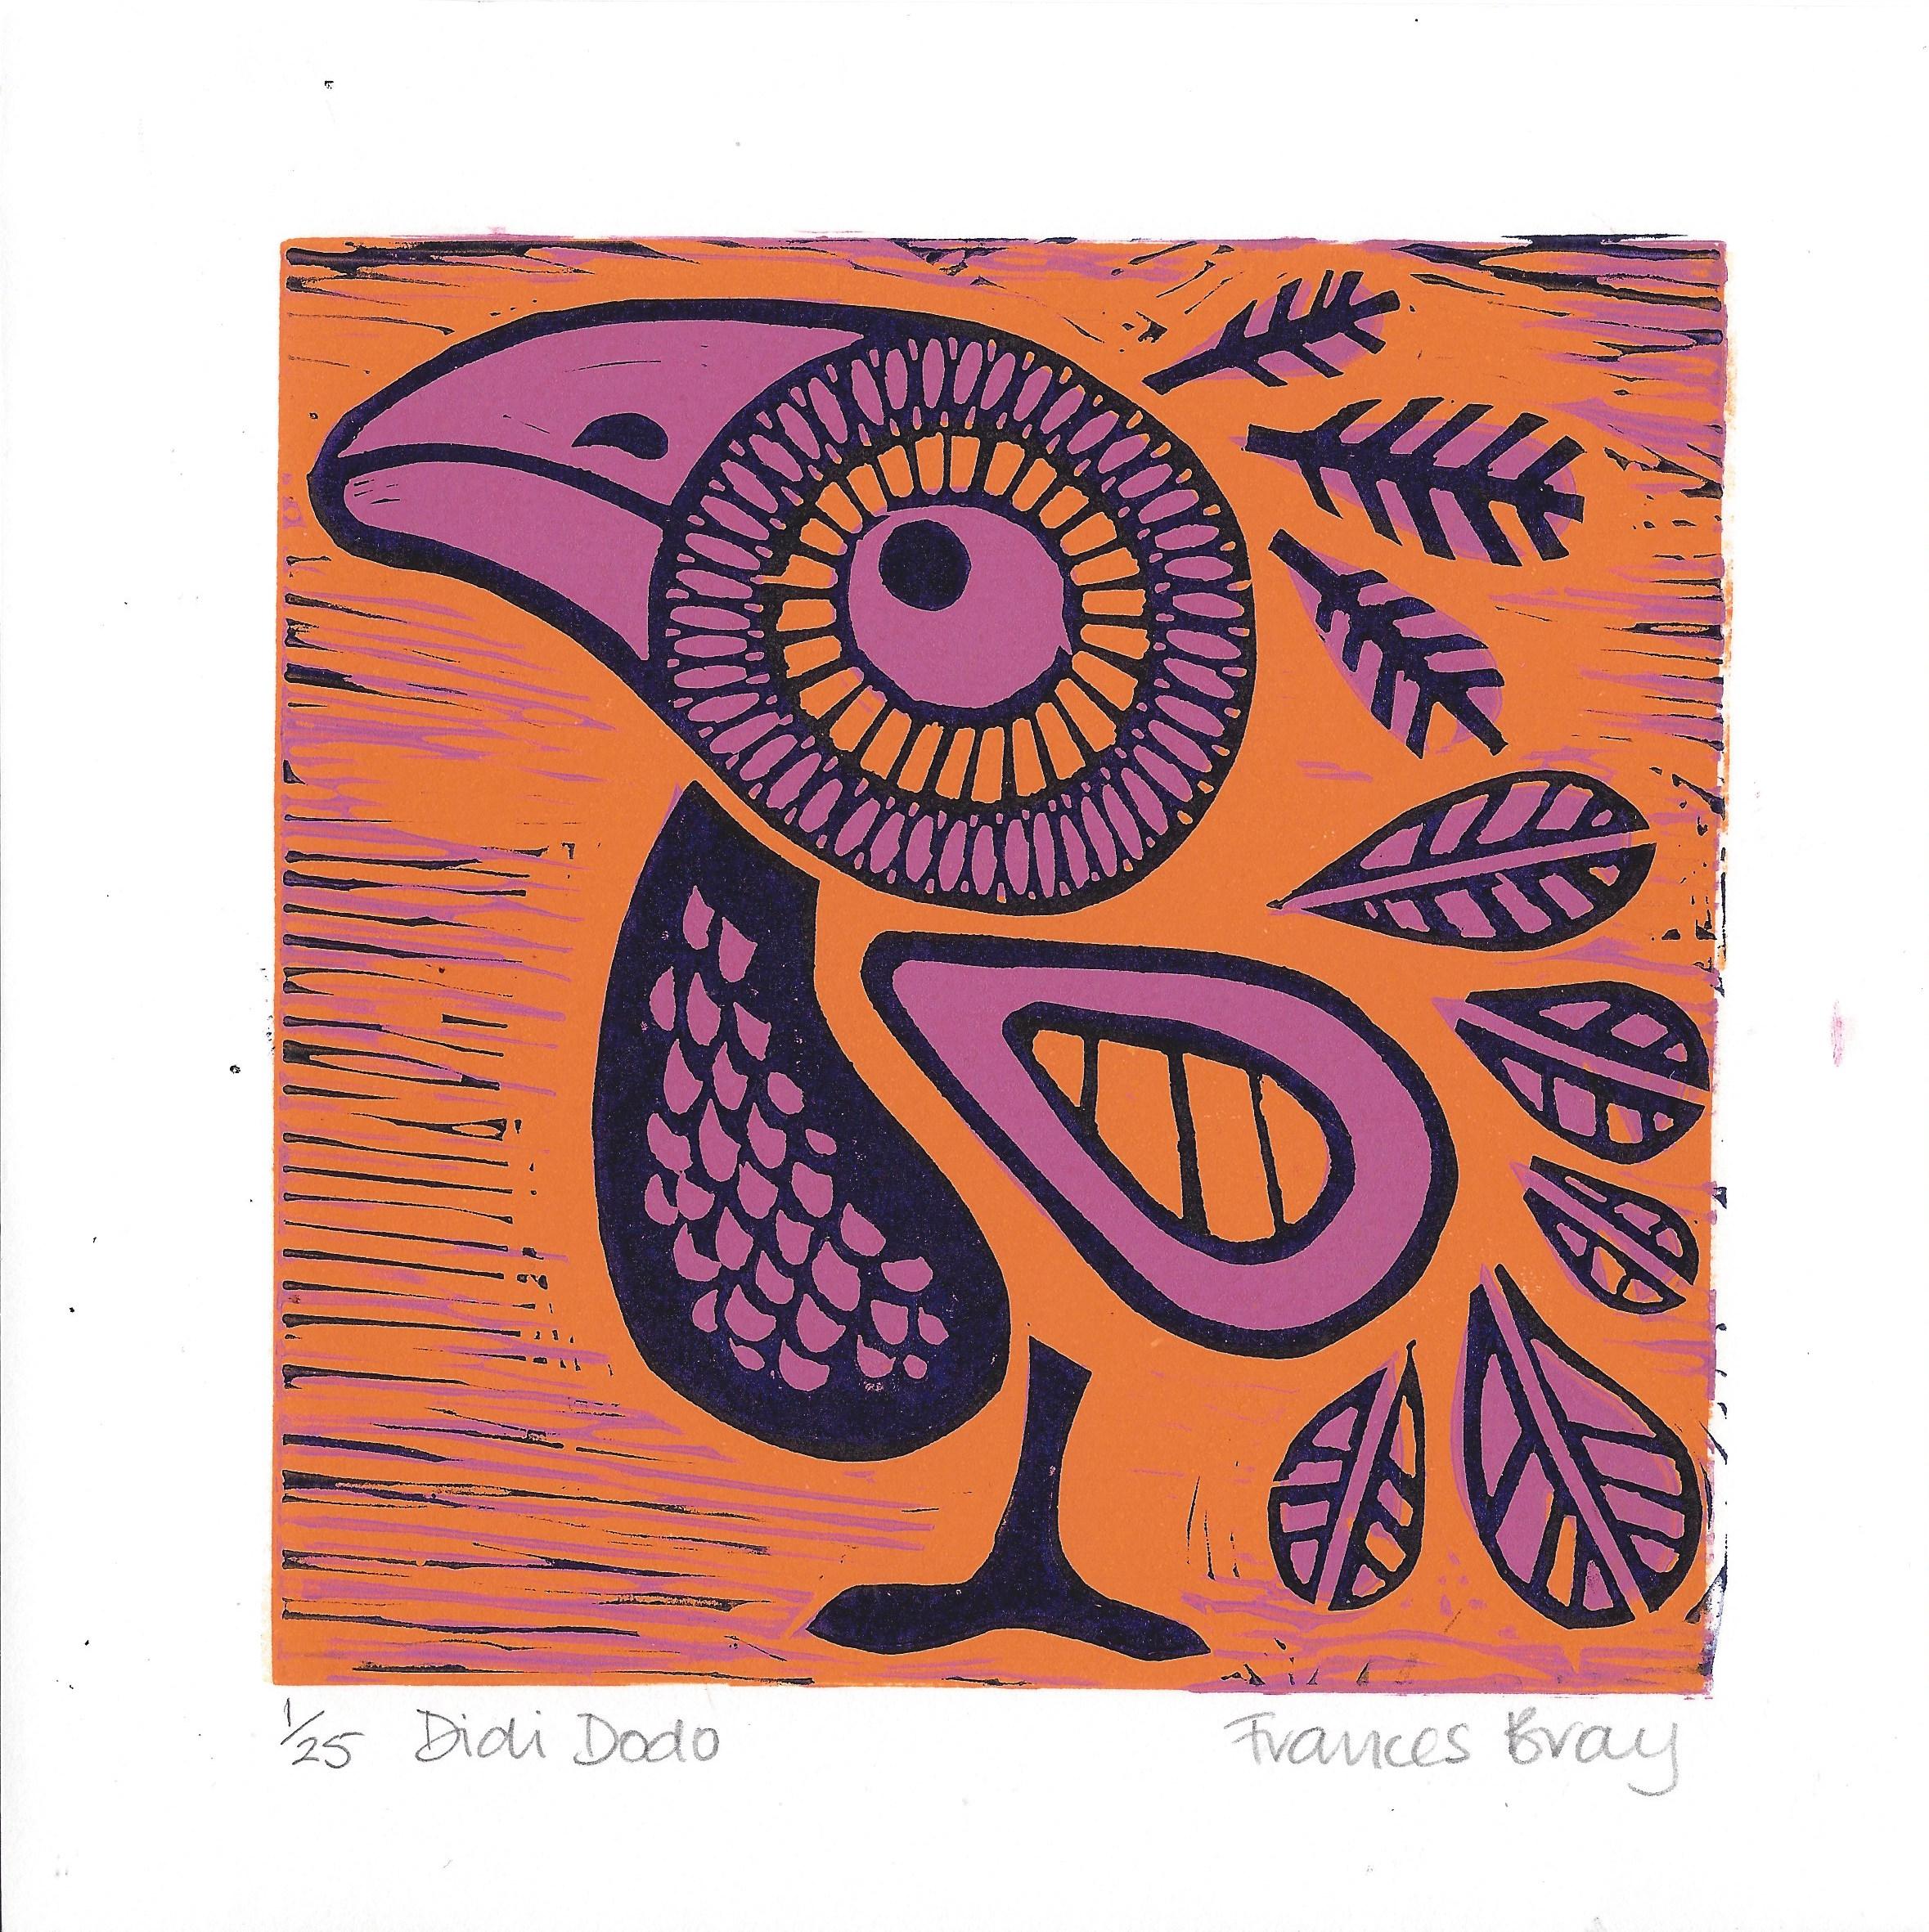 Didi Dodo - F Bray - Hazelnut Press 2015